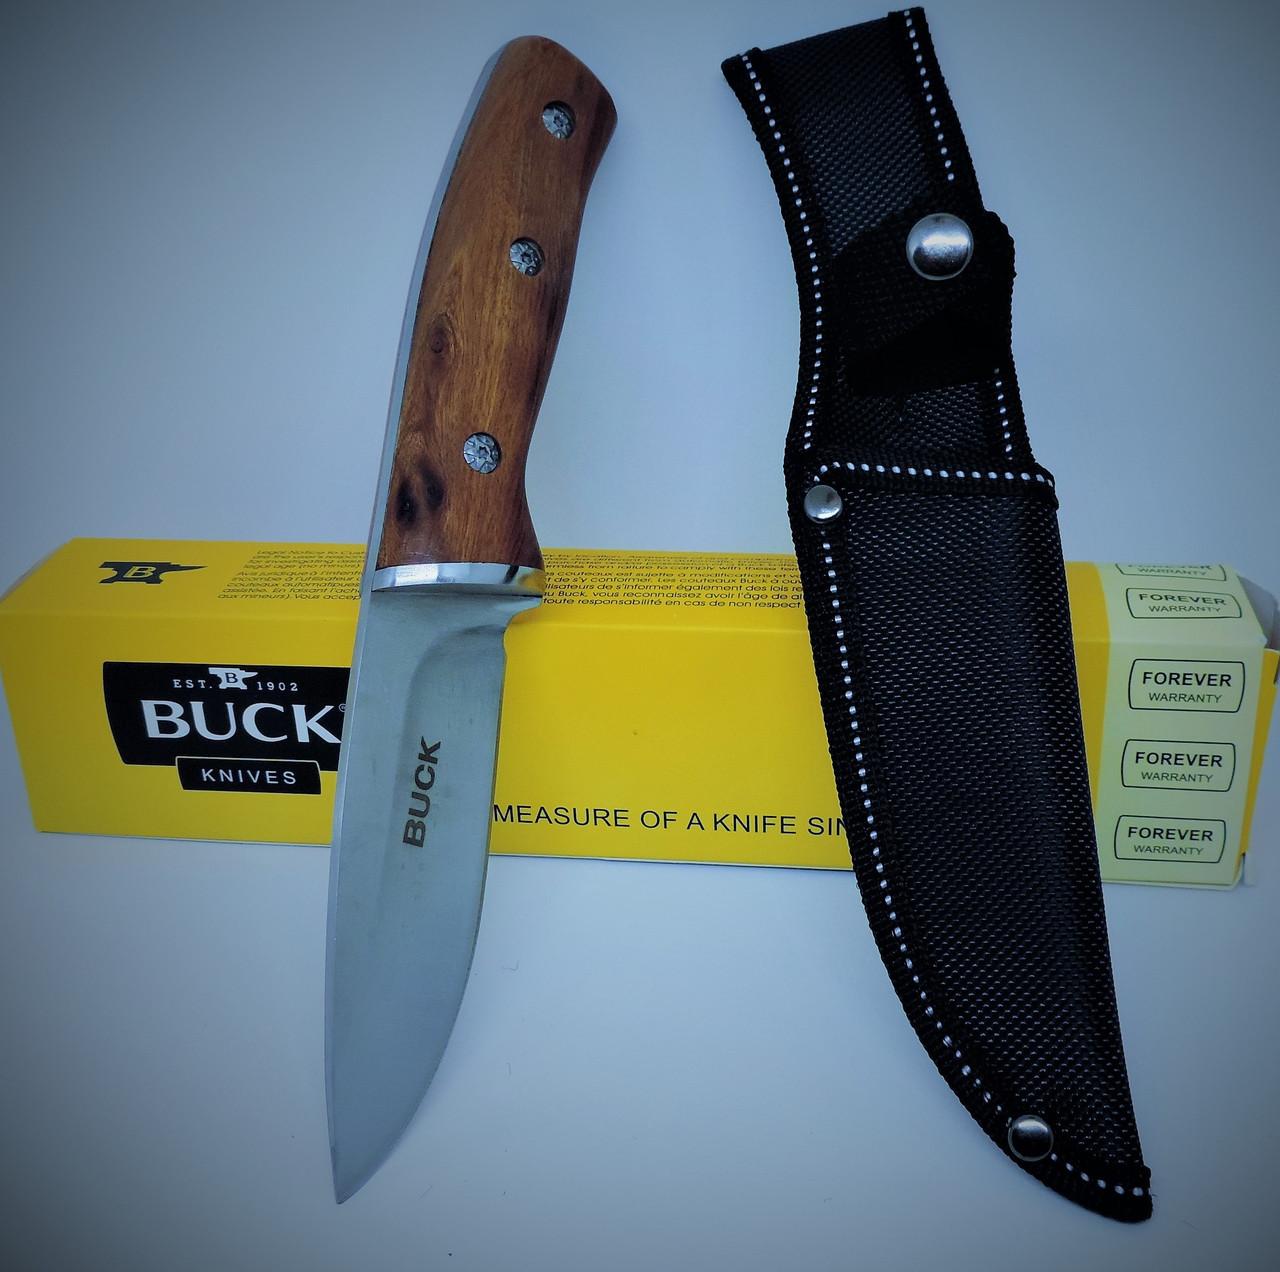 Охотничий нож с чехлом Buck, рукоятка из палисандра. Универсальные ножи для рыбалки, охоты и туризма.